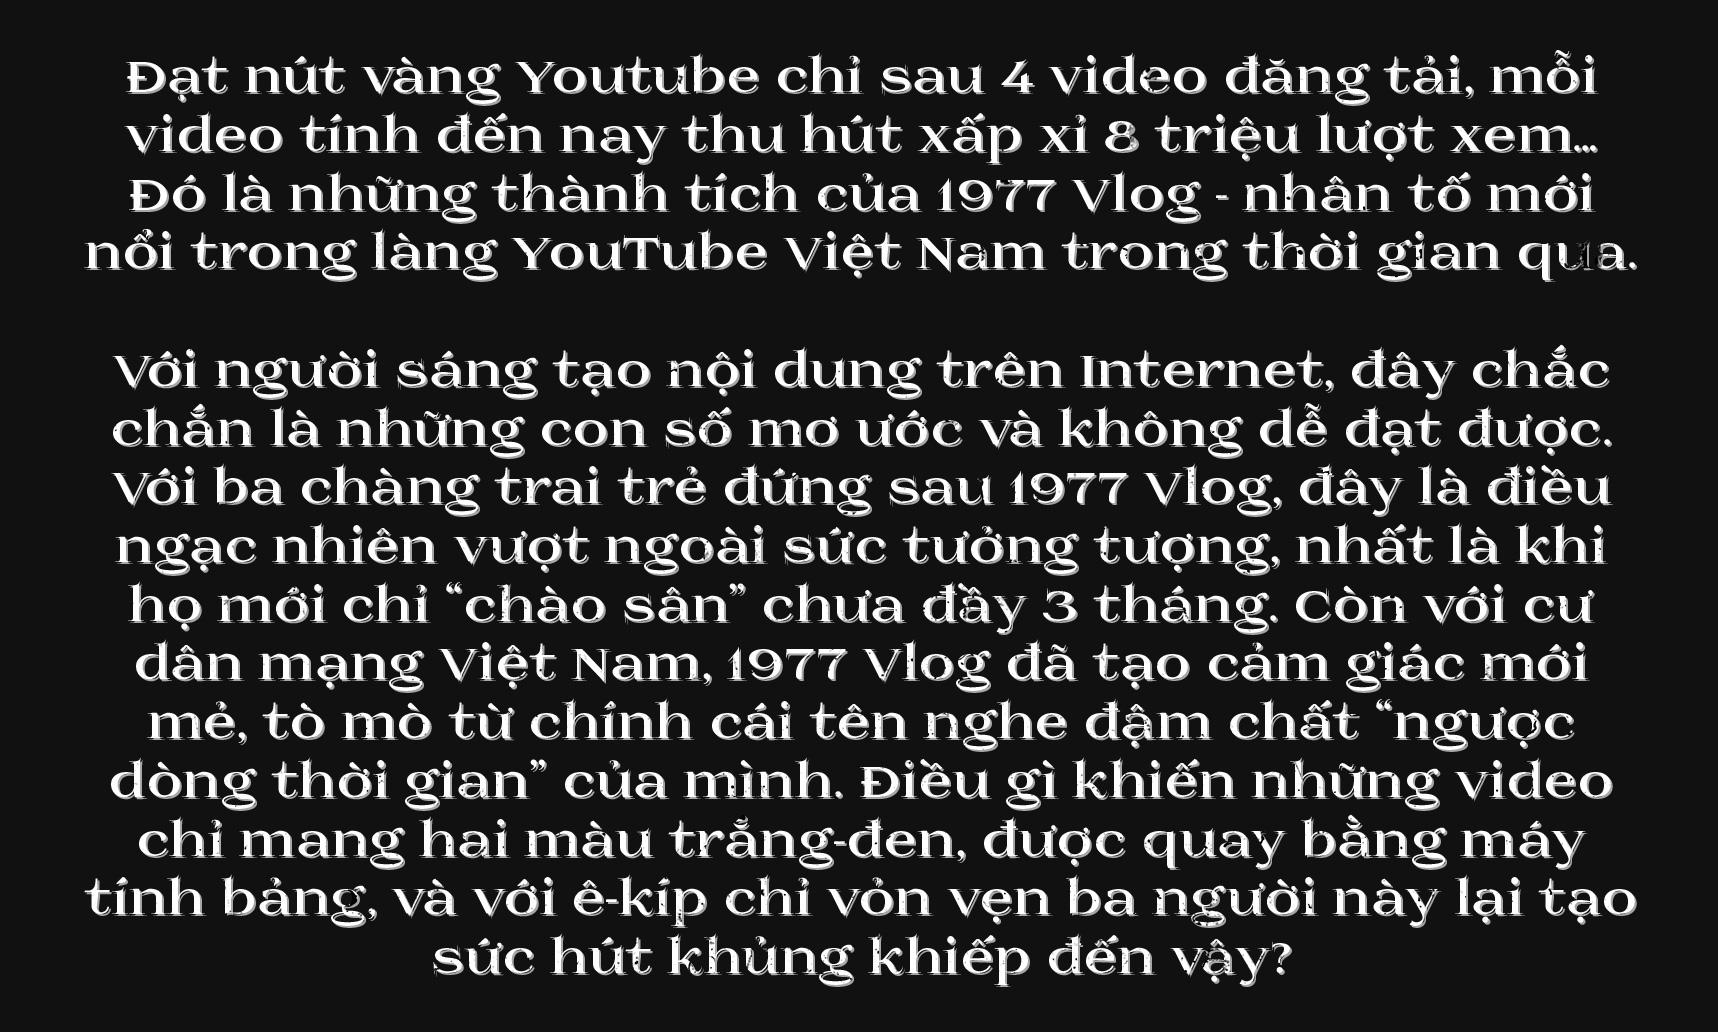 1977 Vlog: 1 ước mơ được nuôi dưỡng 9 năm của những kẻ không sợ thất bại - Ảnh 1.